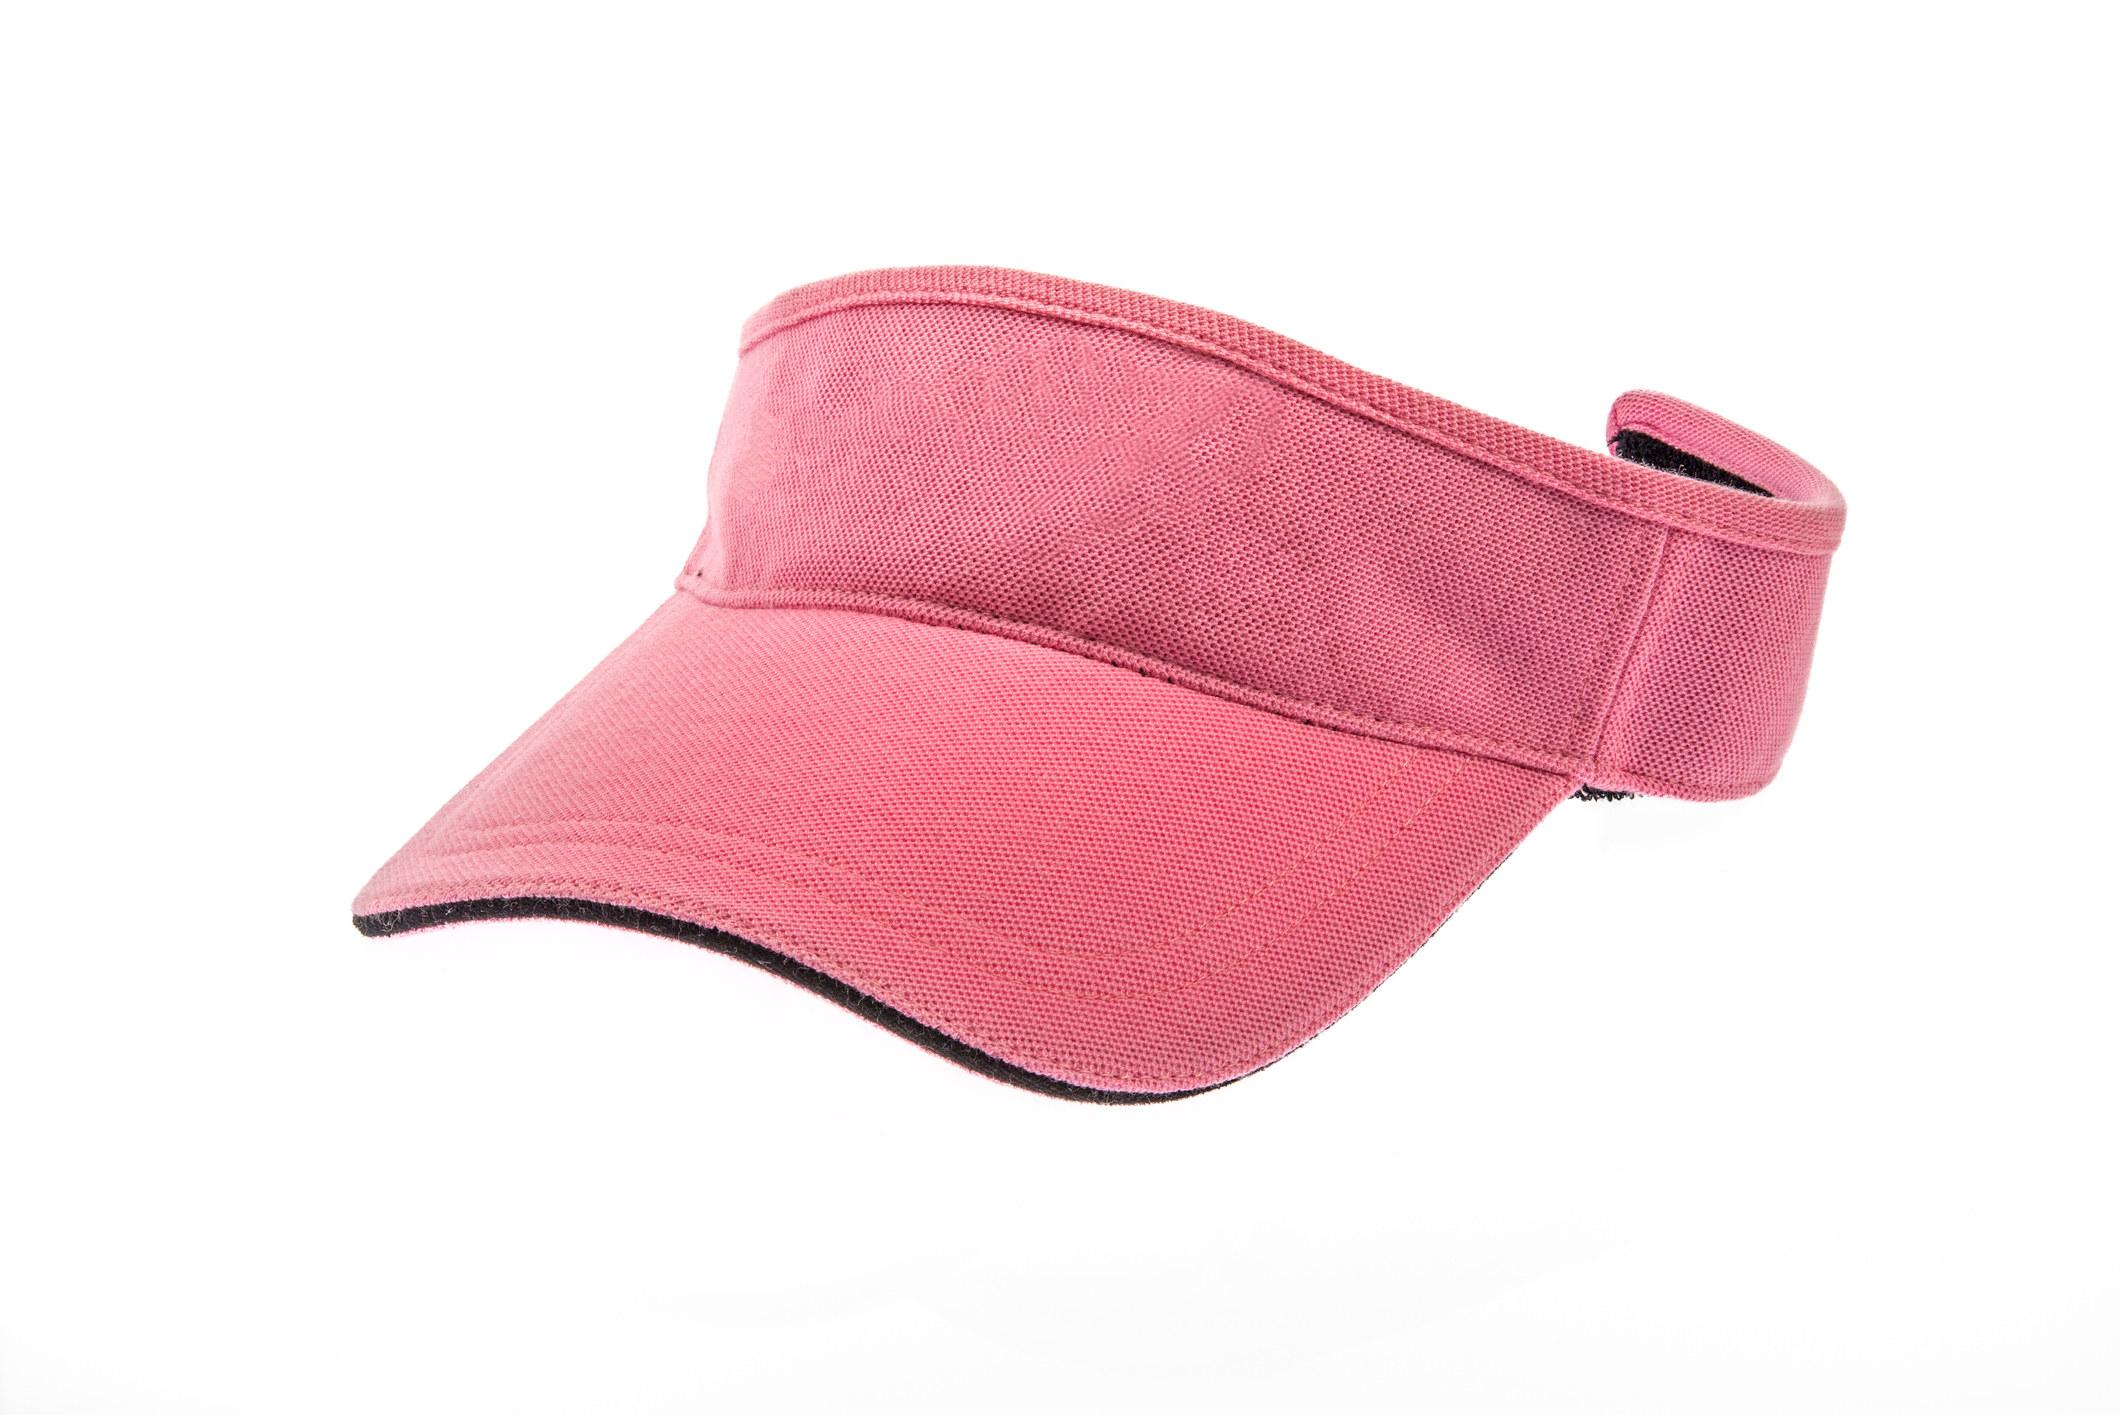 A pink visor hat